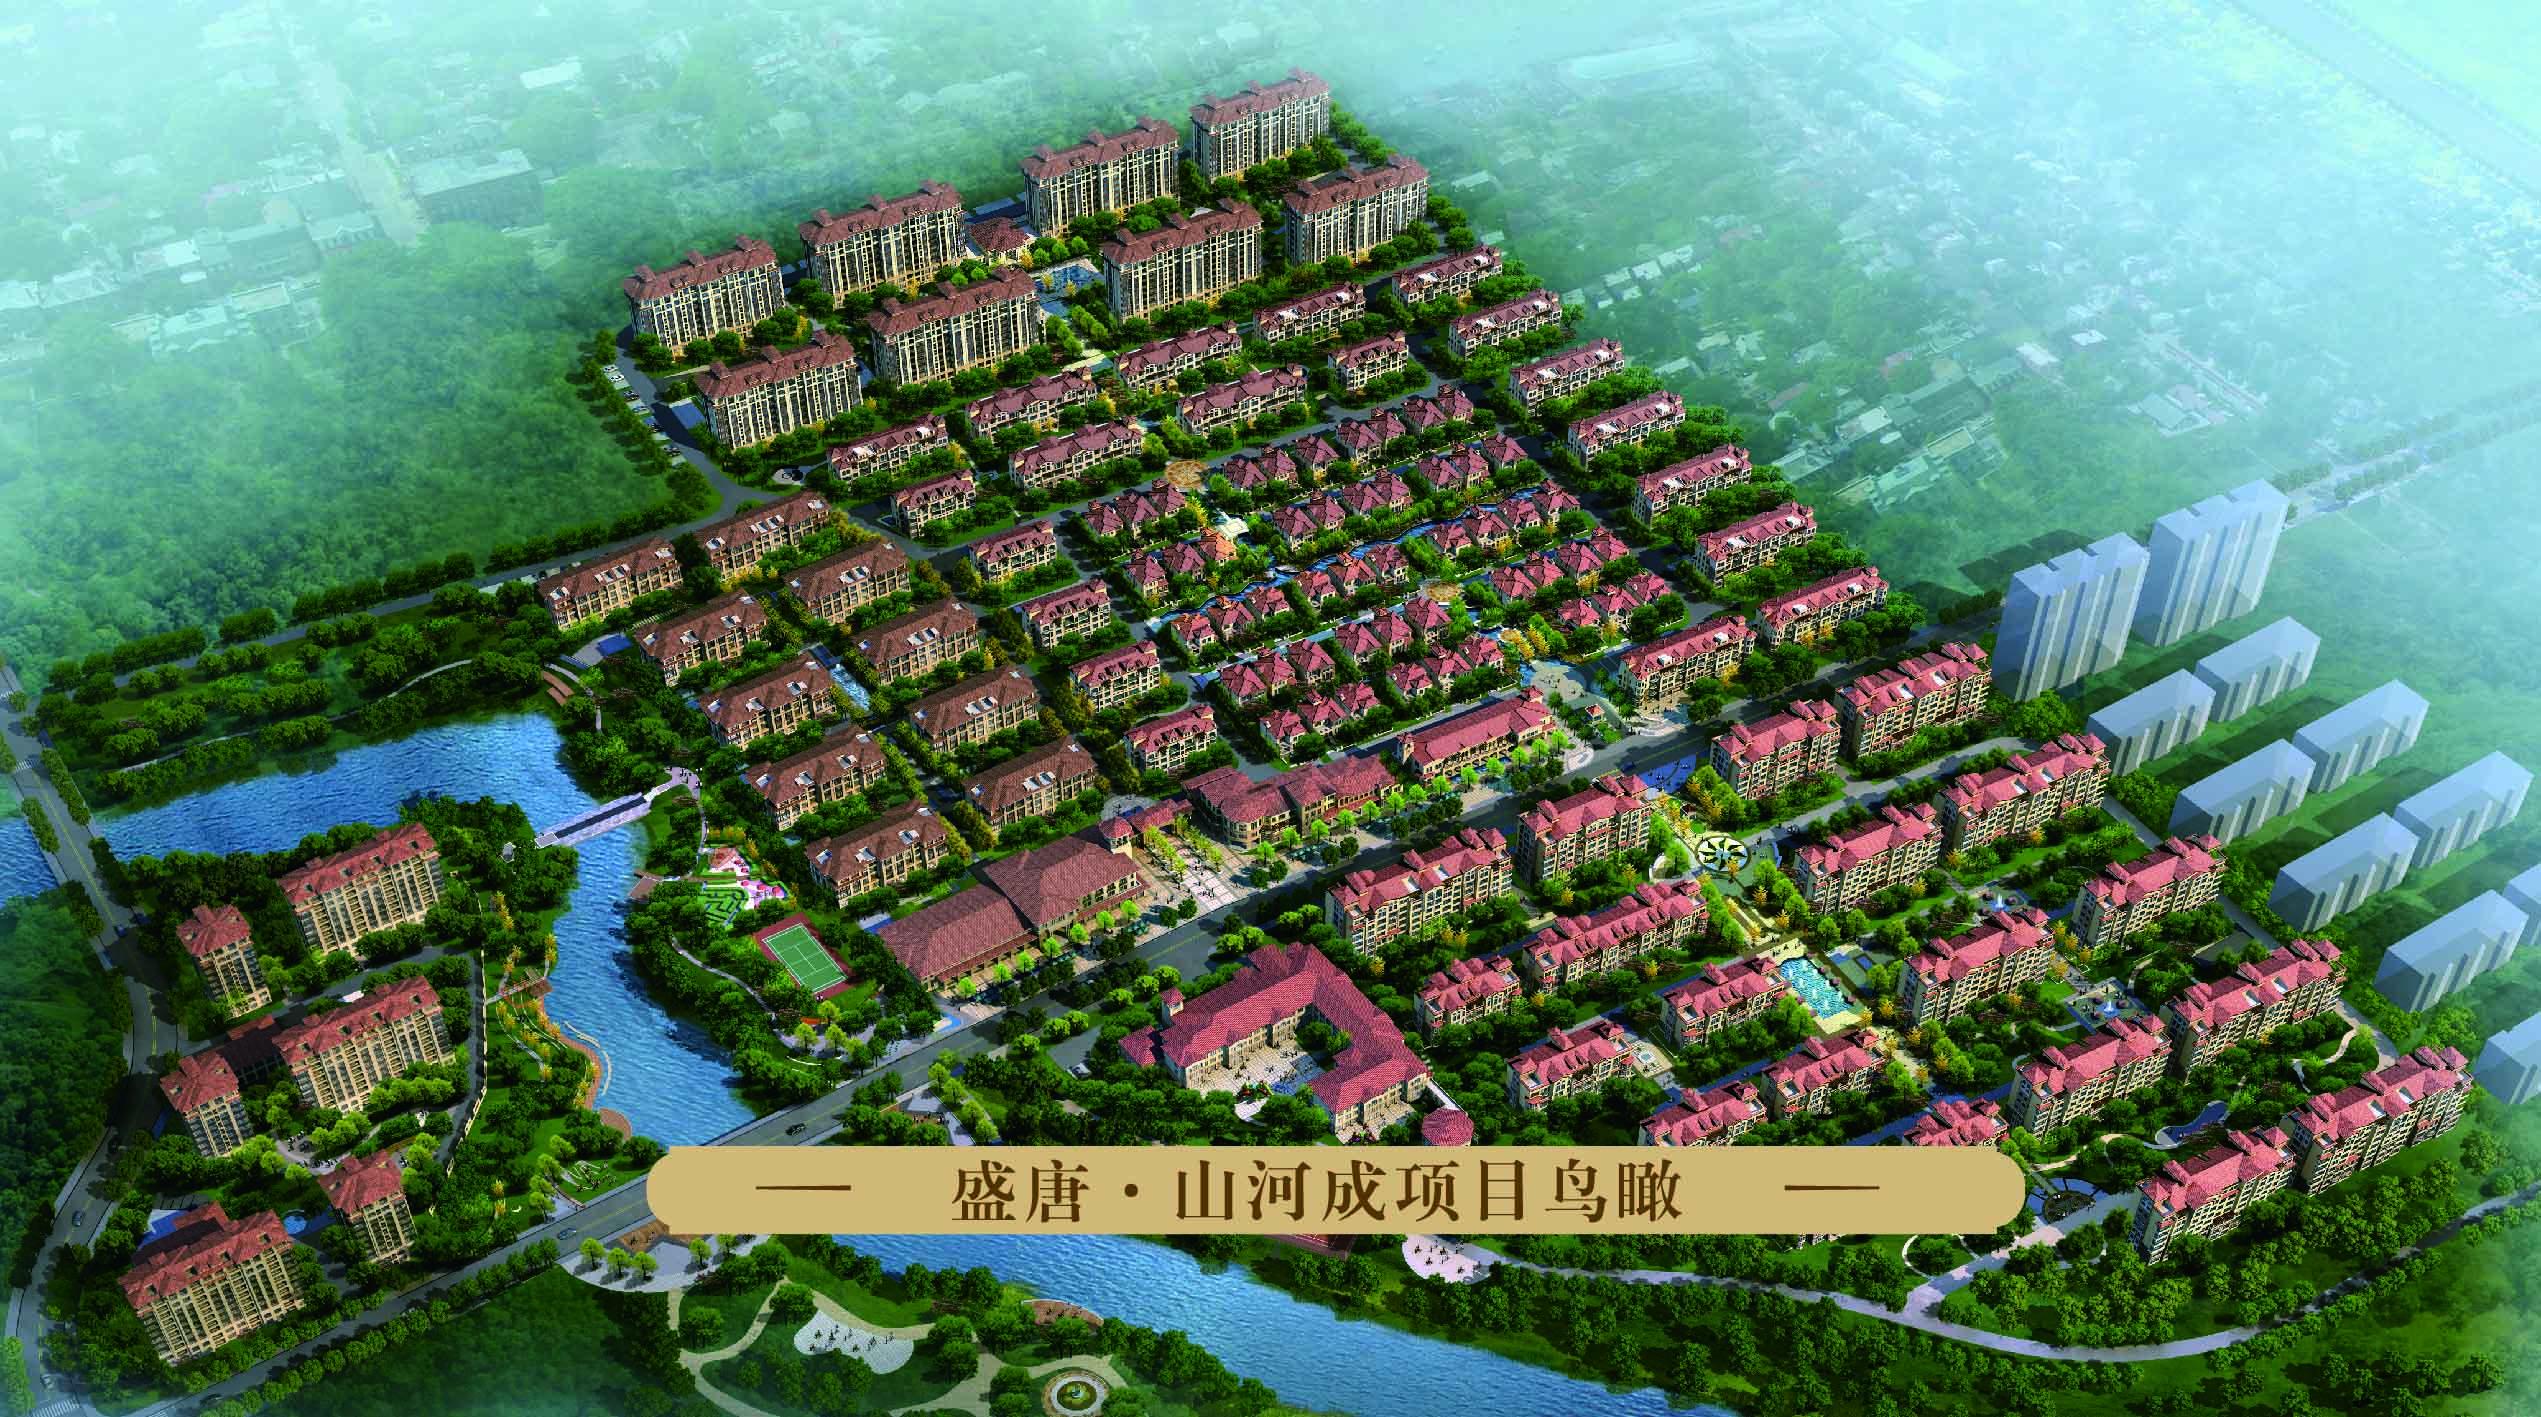 盛唐山河成项目鸟瞰图